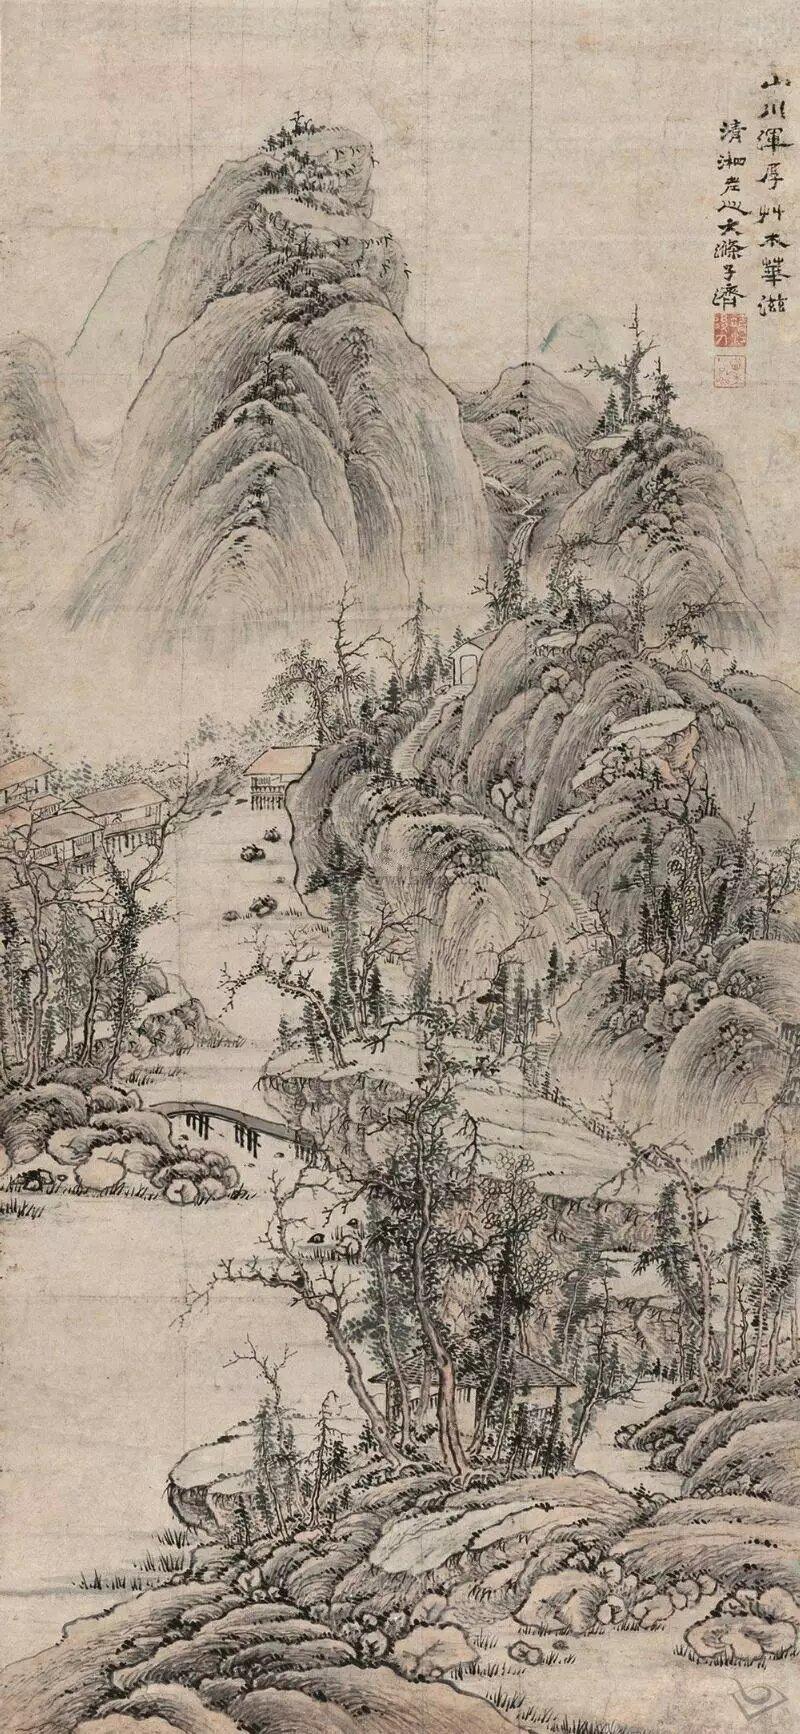 64d4ece  石涛  溪桥野色_proc